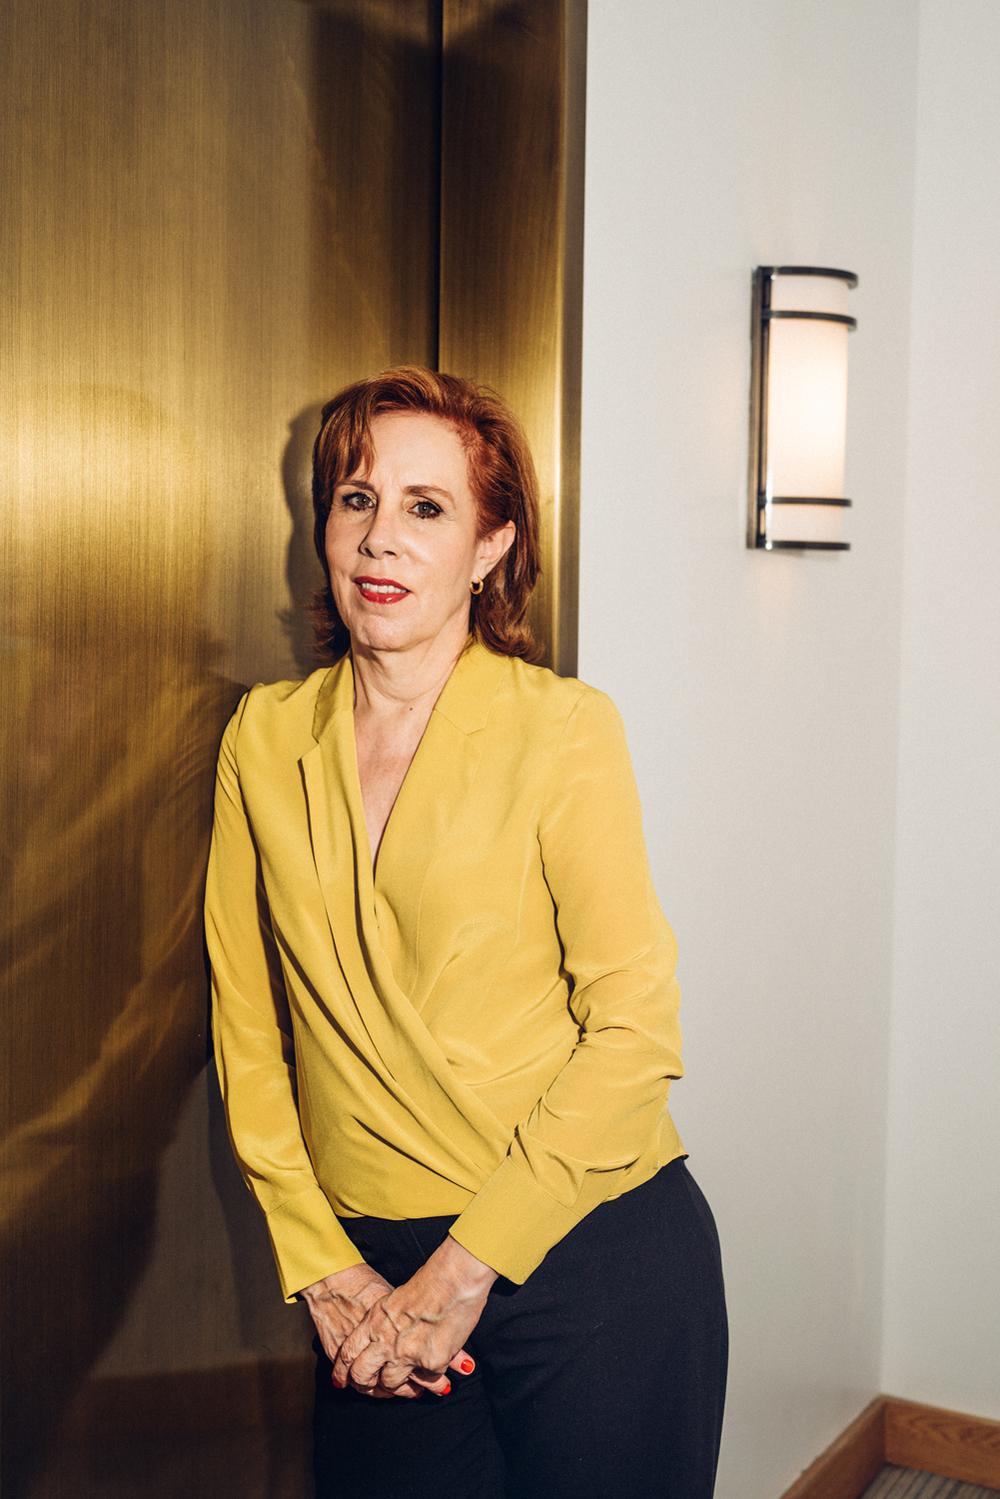 Denise Shull for Bloomberg Markets